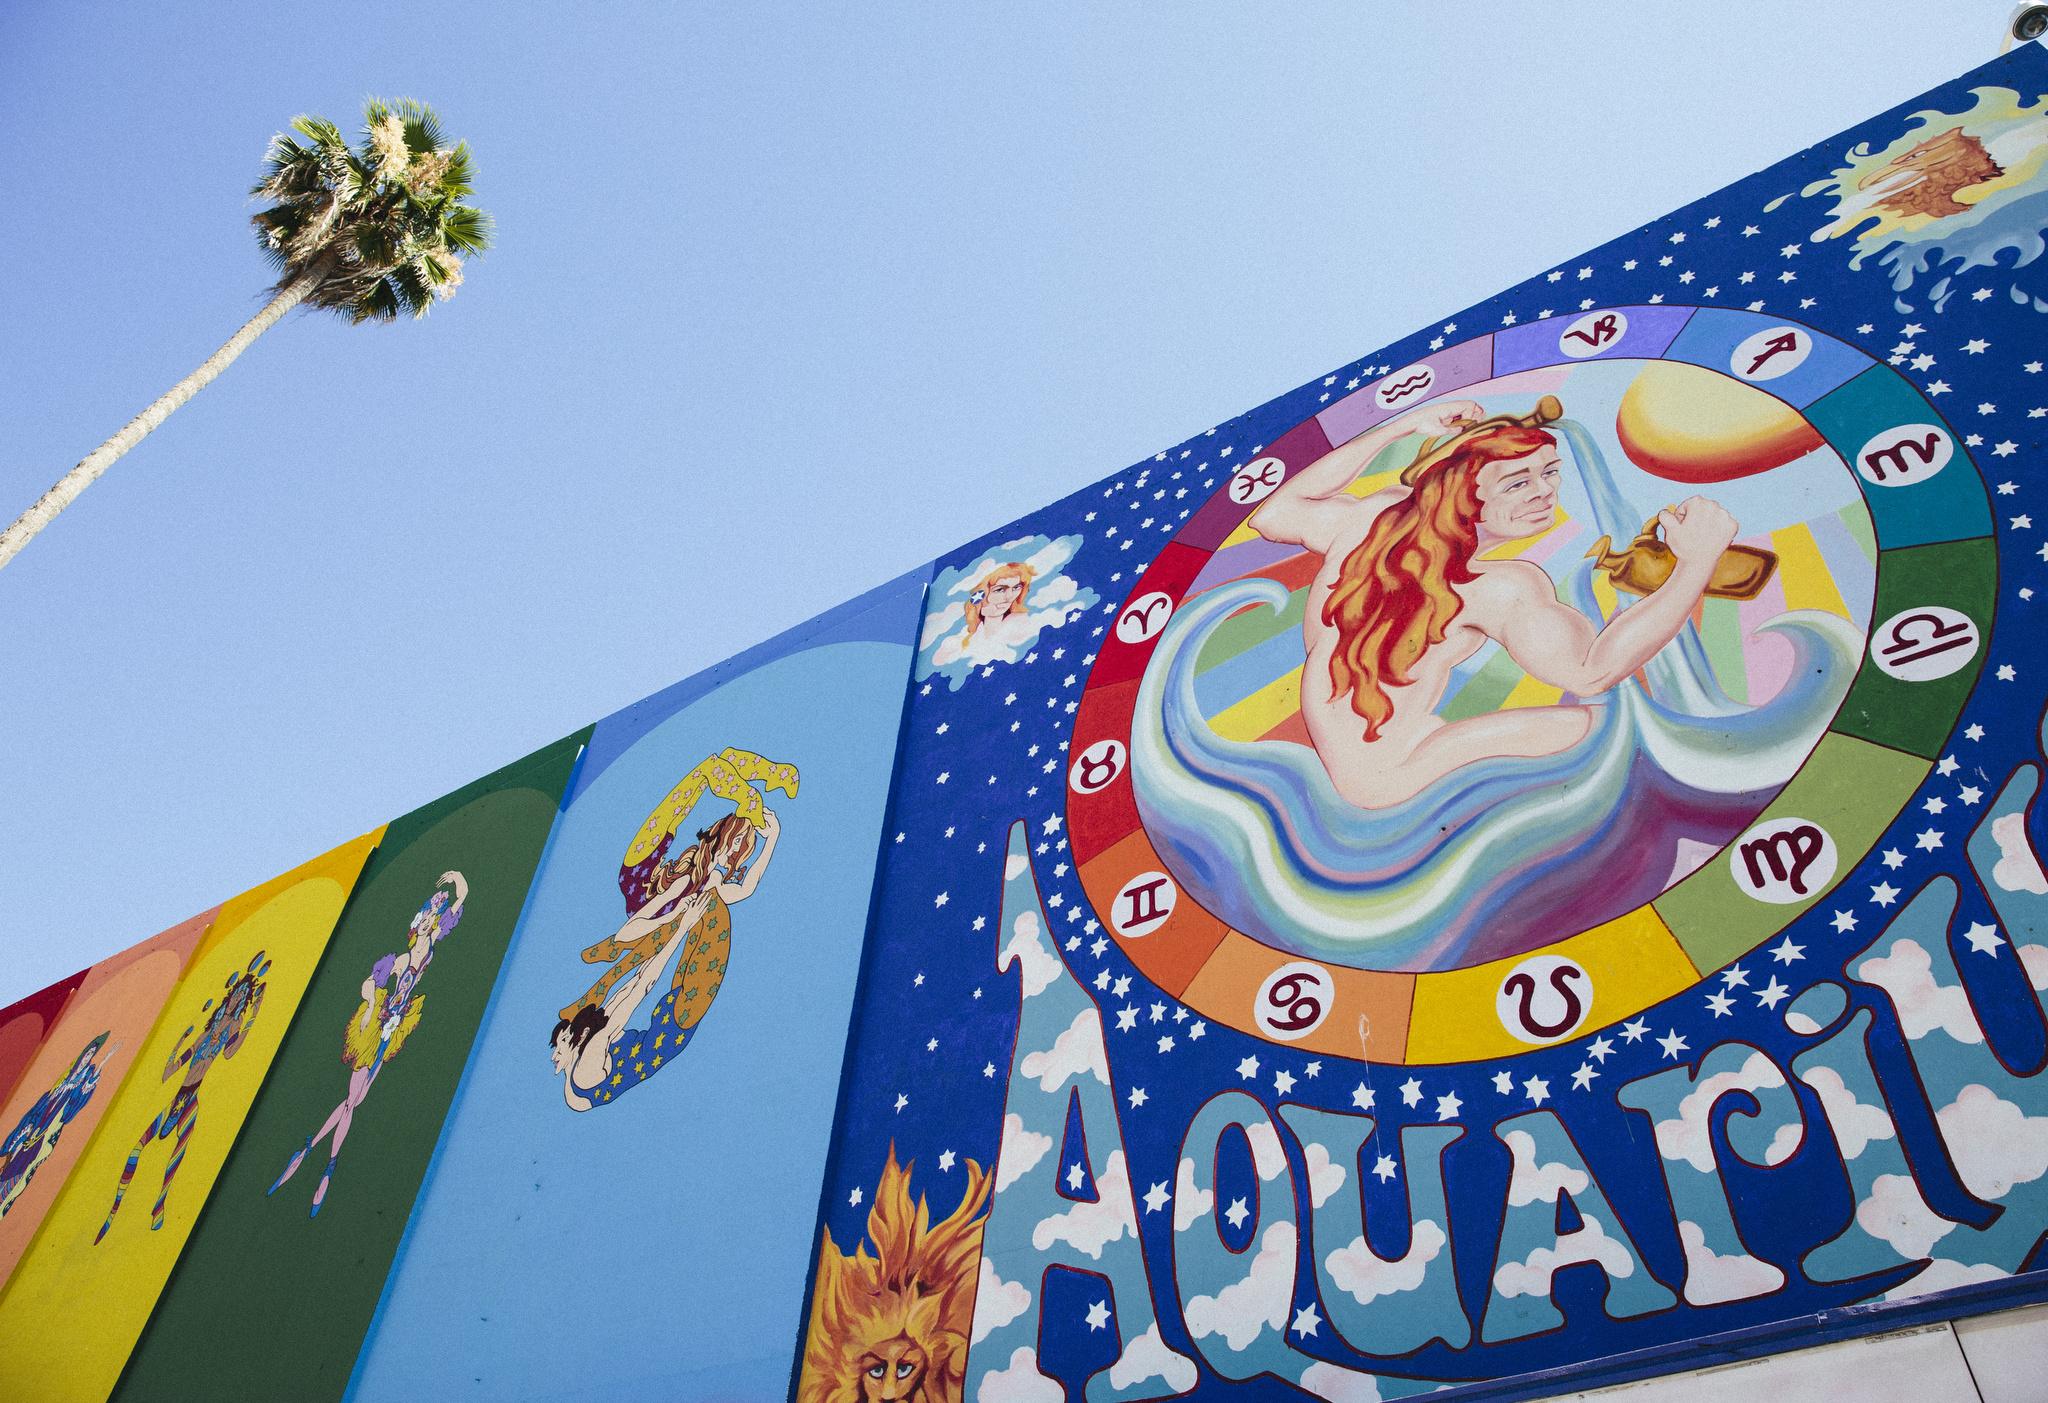 Mural at Aquarius Theatre.